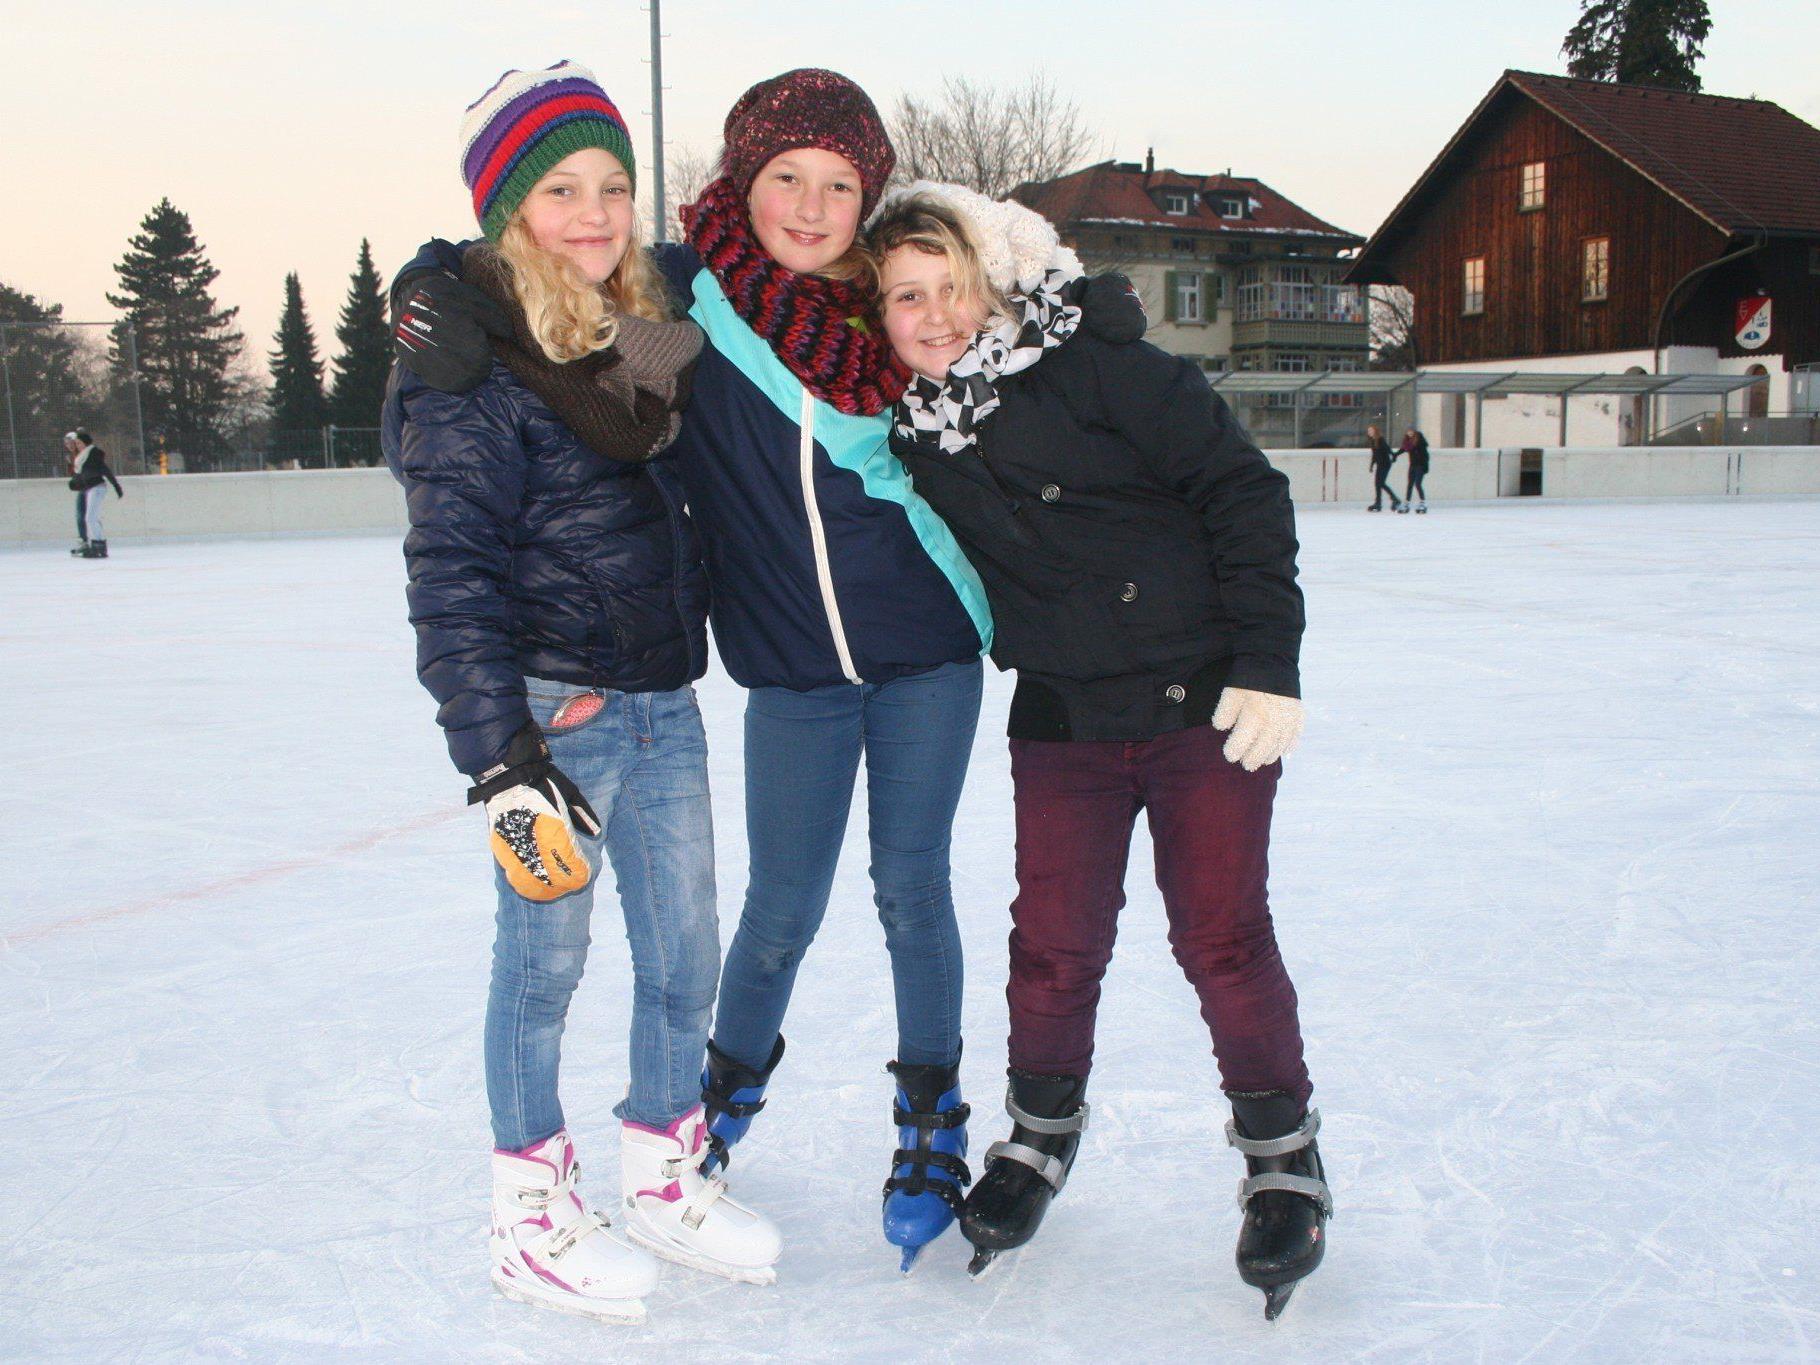 Der Spaß beim Eislaufen kommt nicht zu kurz.